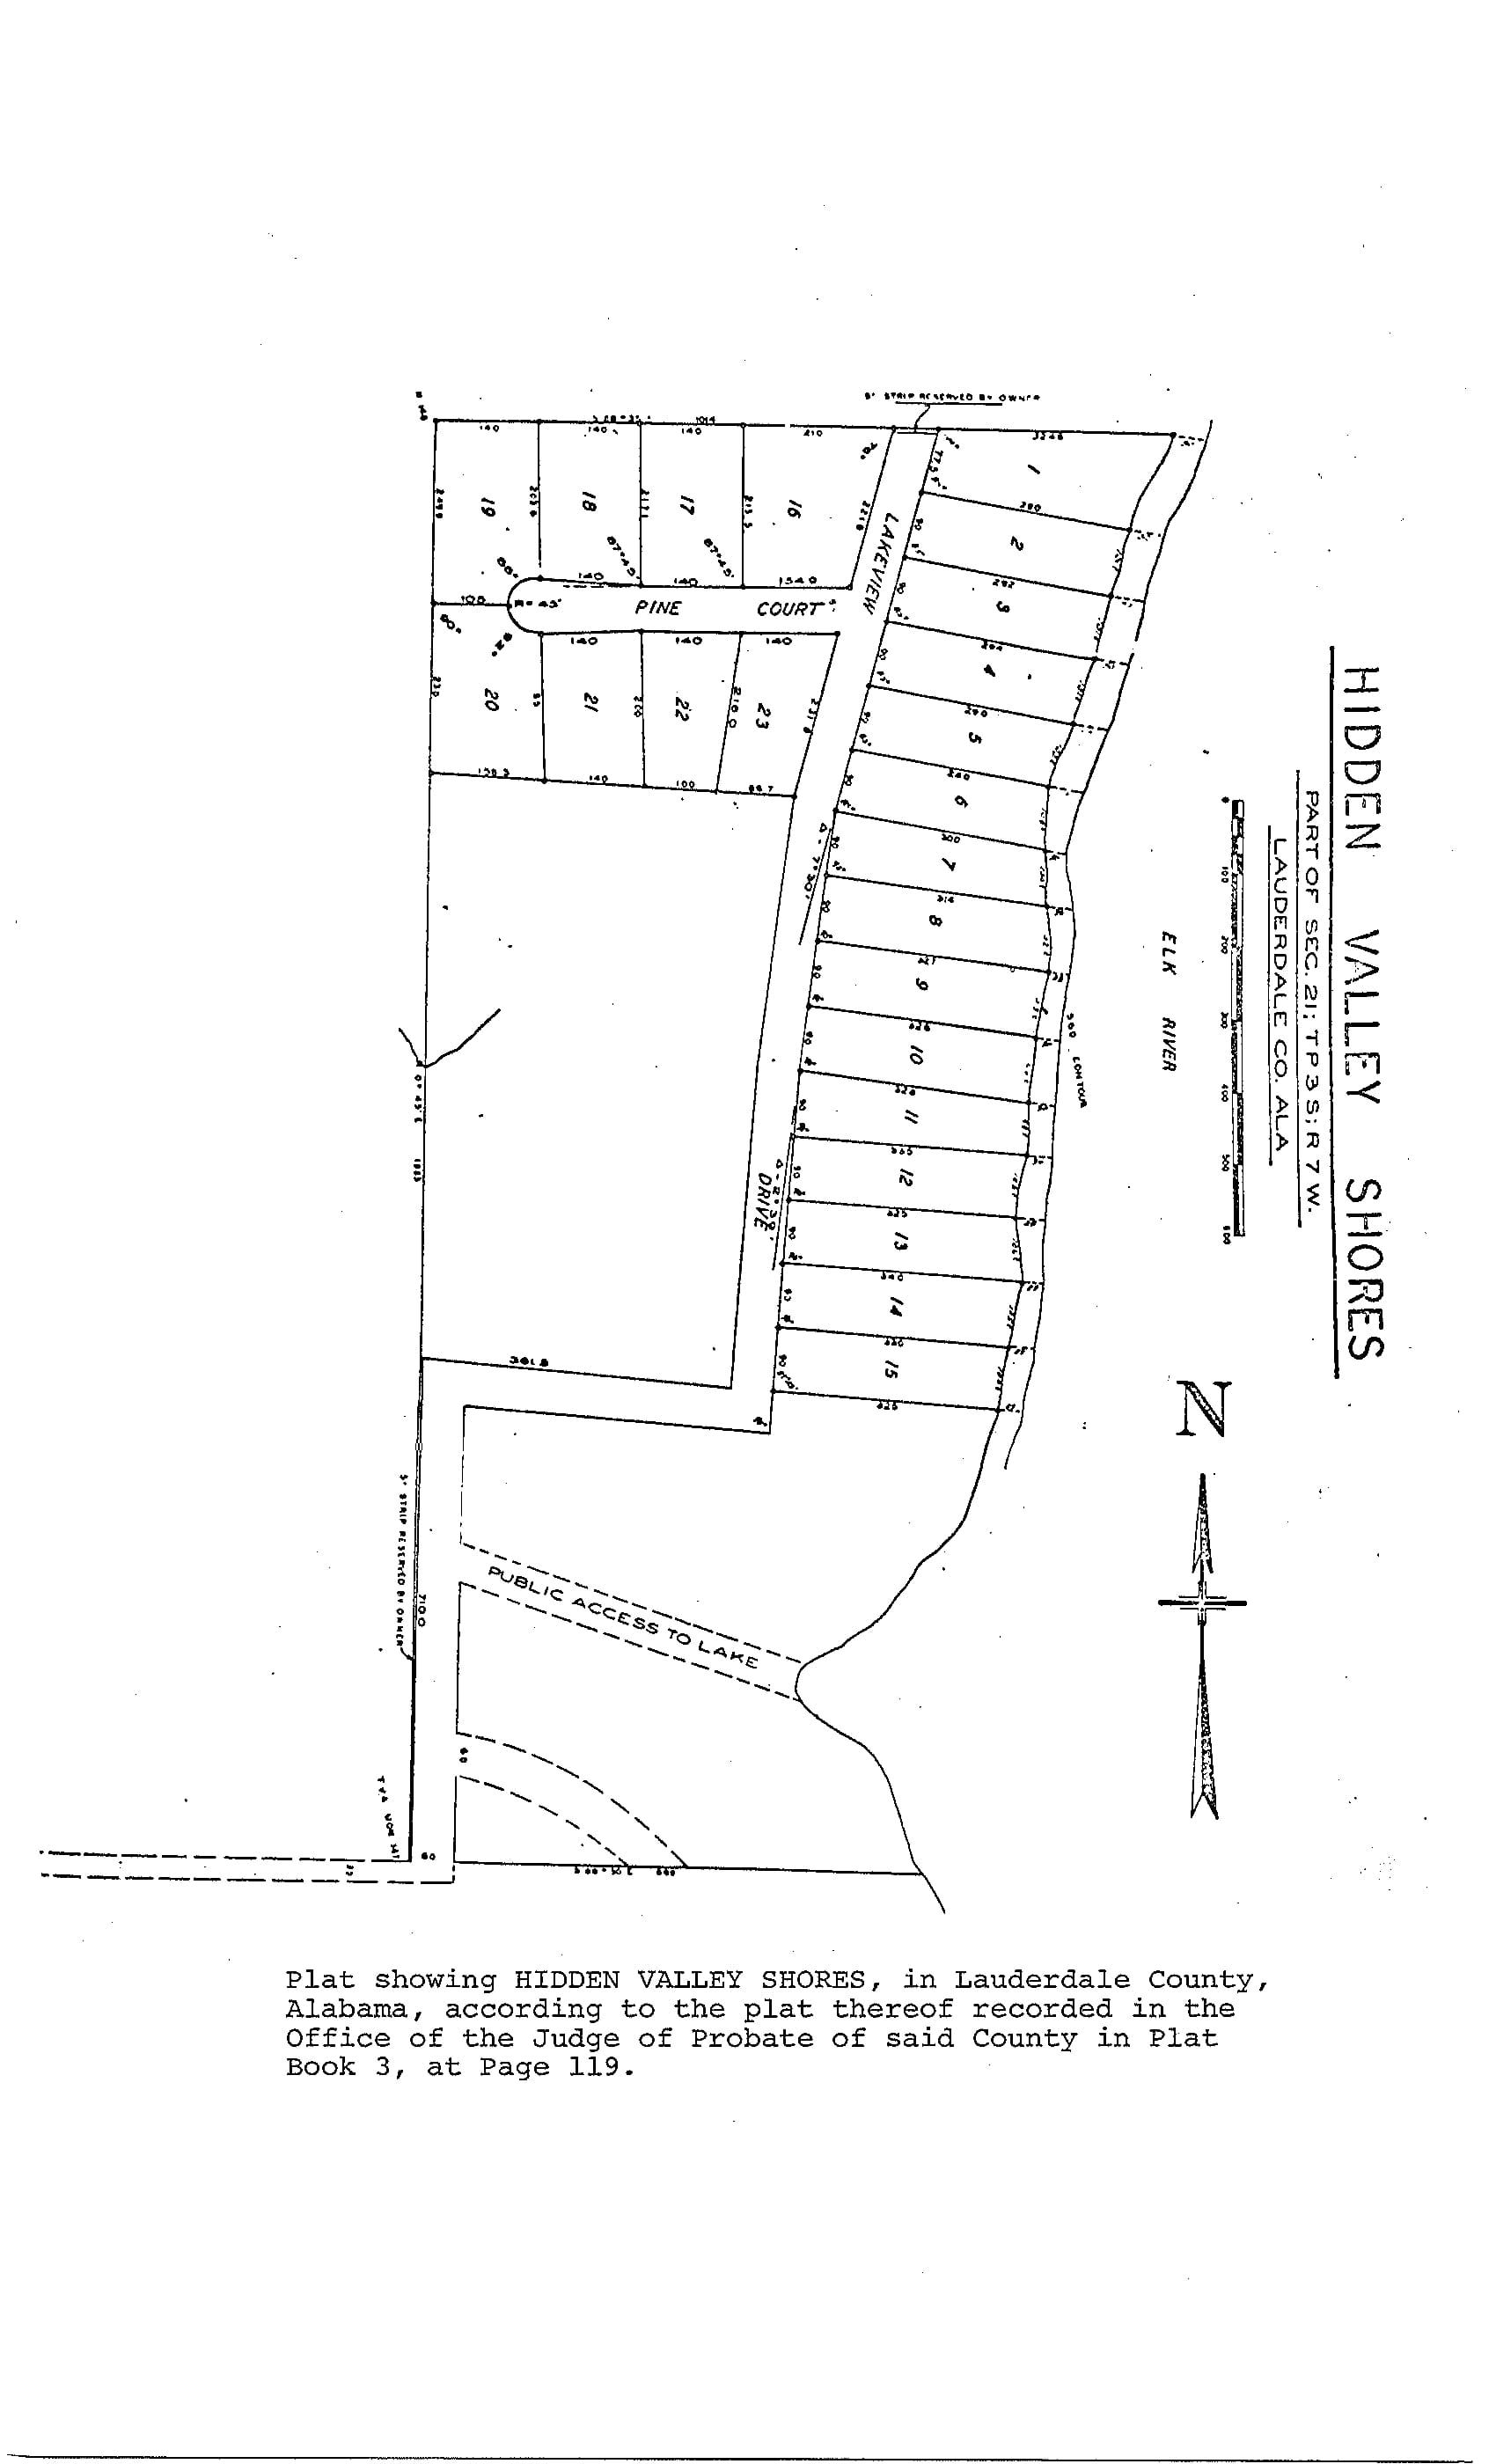 Plat-Hidden-Valley-Shores-Resubdivision-2.jpg